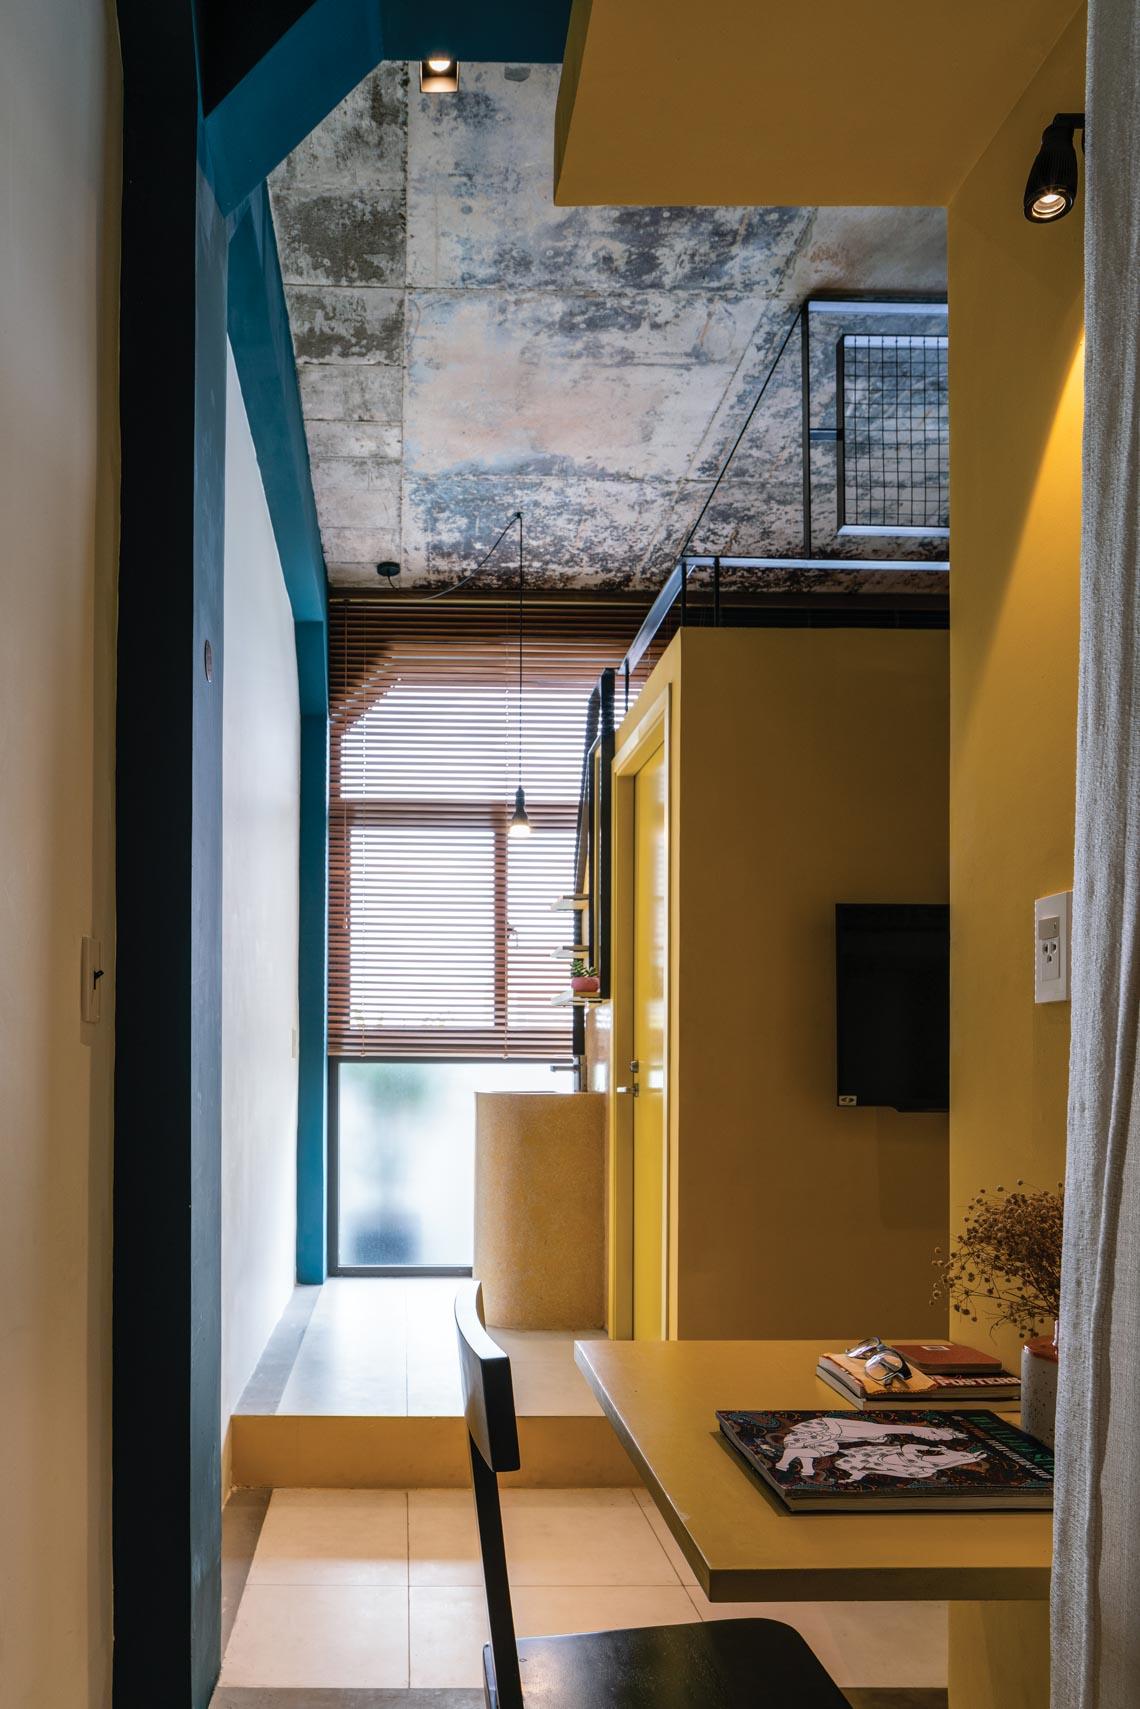 HH apartments - Những 'kén ở' trong đô thị -16